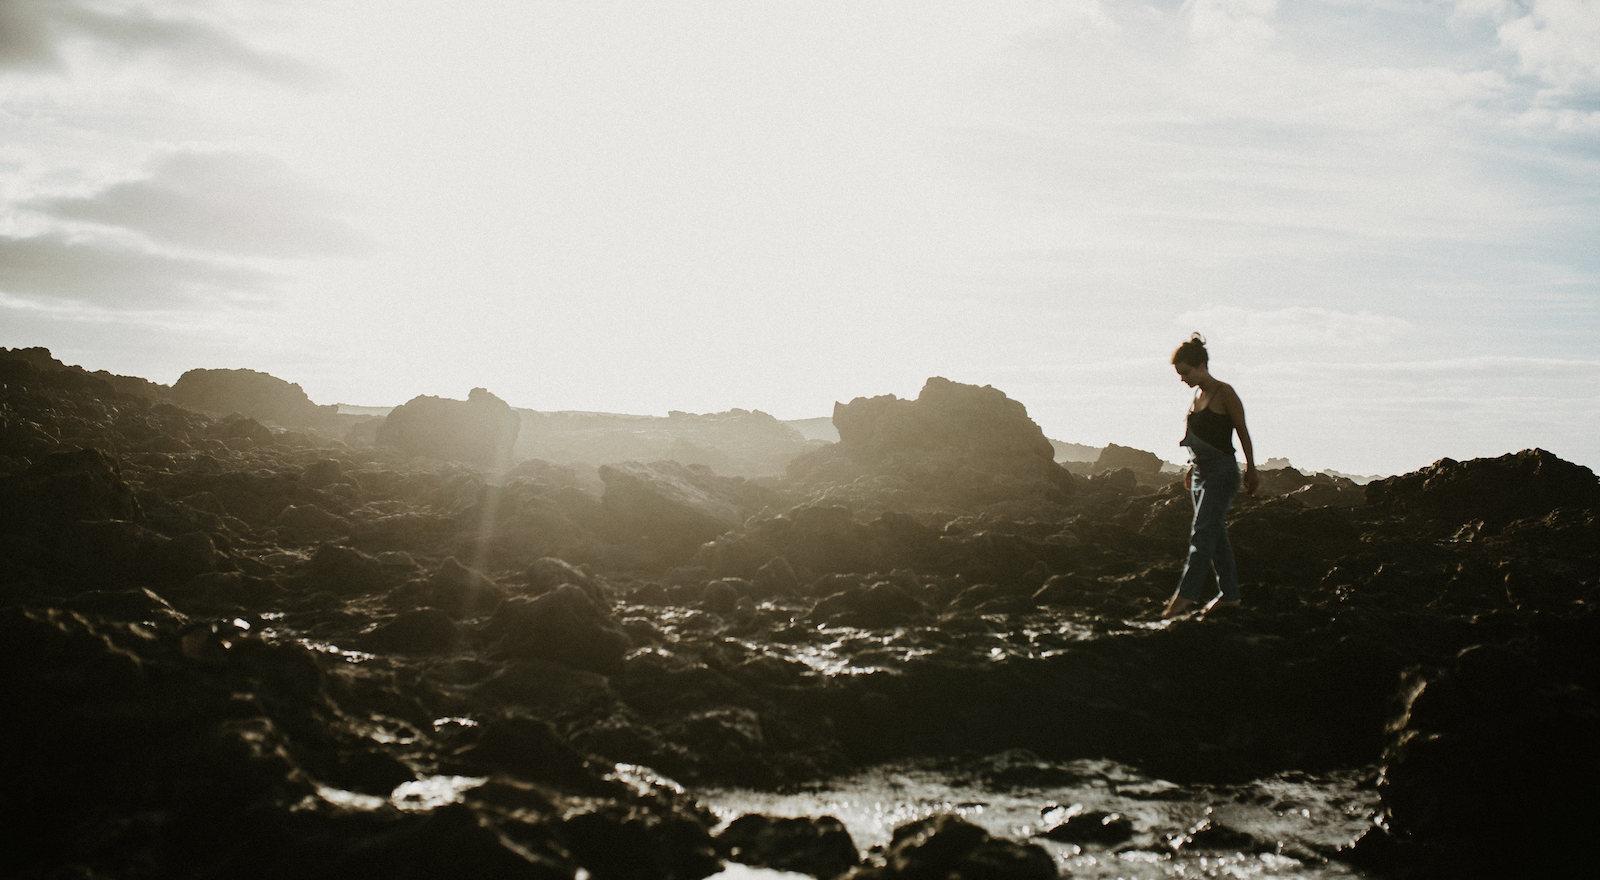 Hochzeitsfotografin-Lanzarote-About me_D